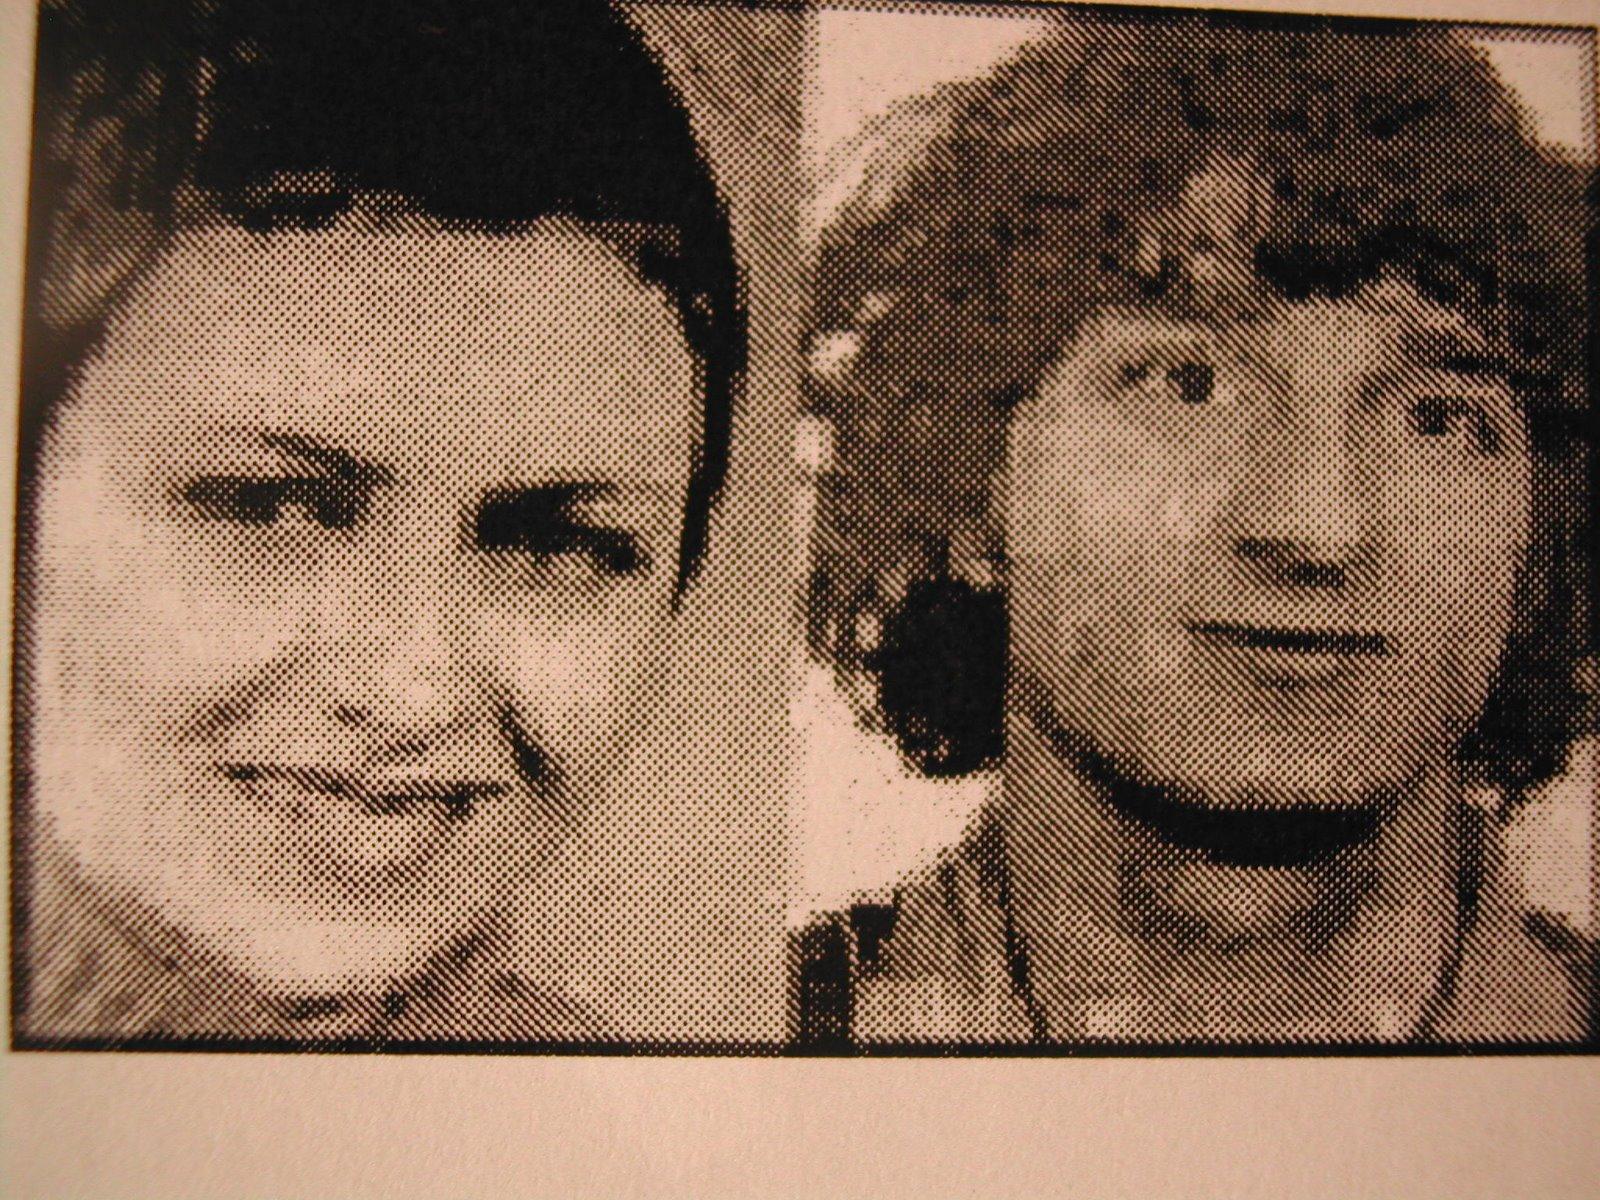 [(8)+Nadine+Mauriot++e+++Jean+Michel+++++++08+settembre+1985JPG]